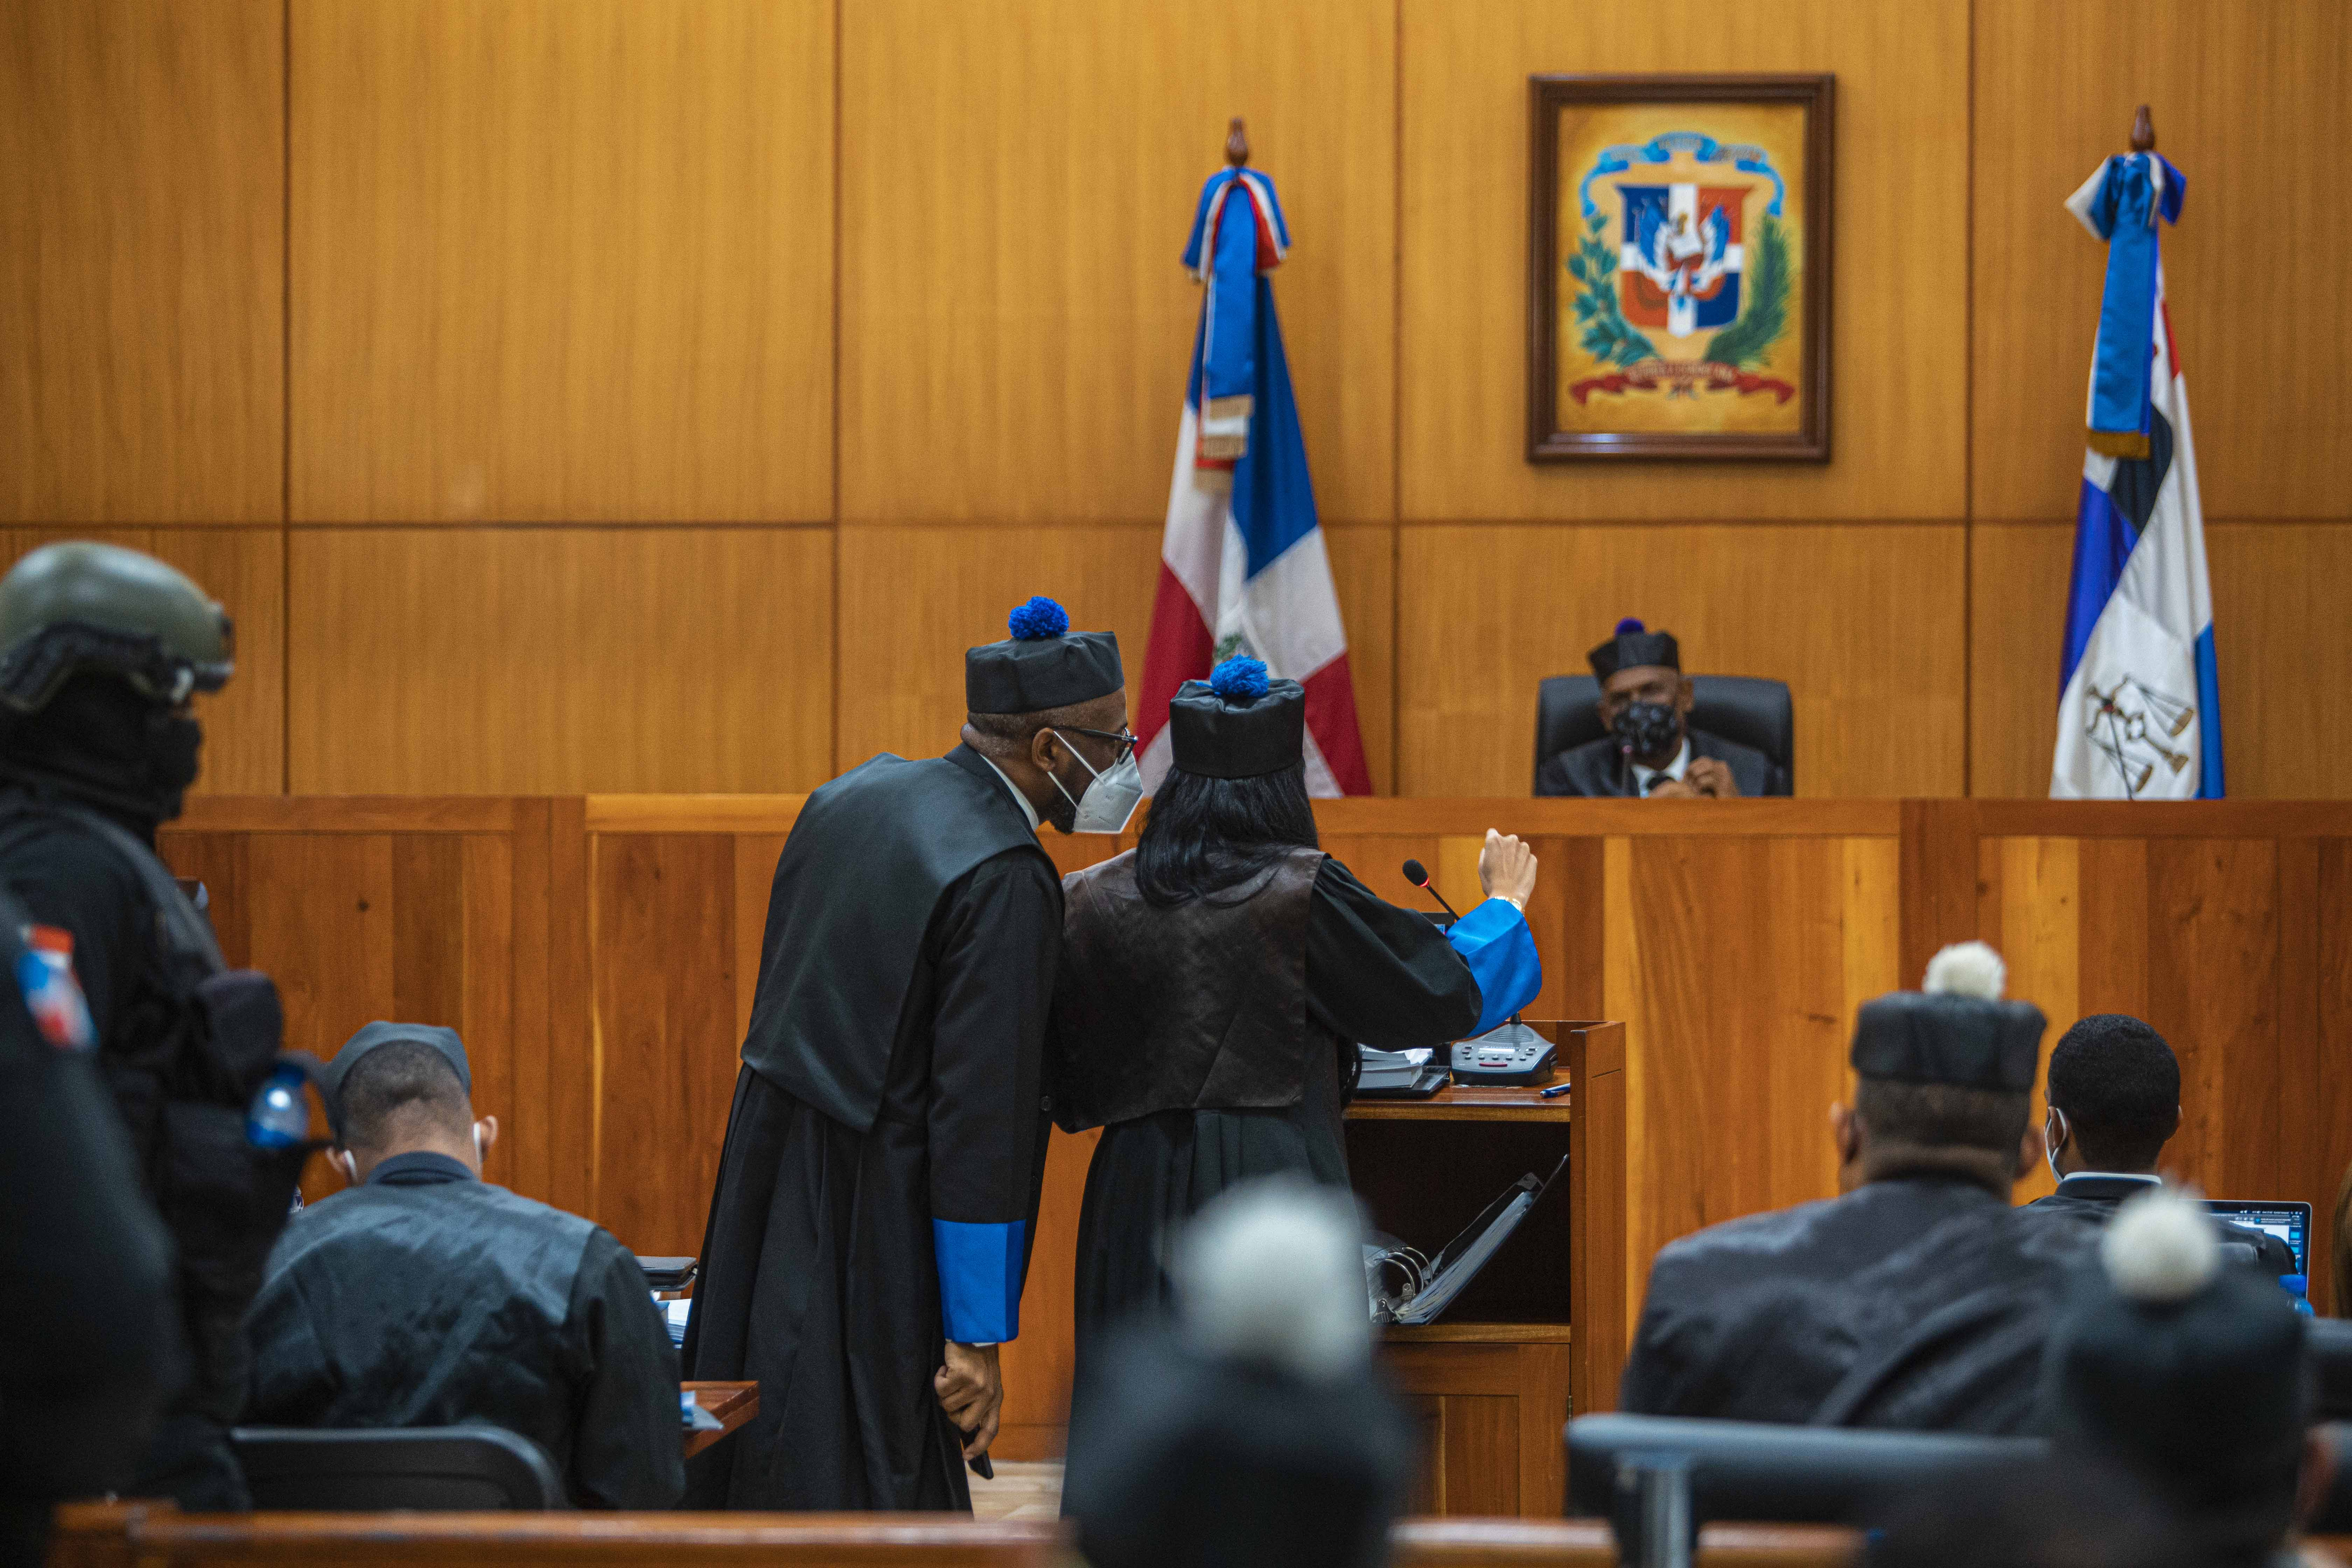 Juez continuará este lunes con el conocimiento de la coerción a los arrestados en la Operación Anti Pulpo